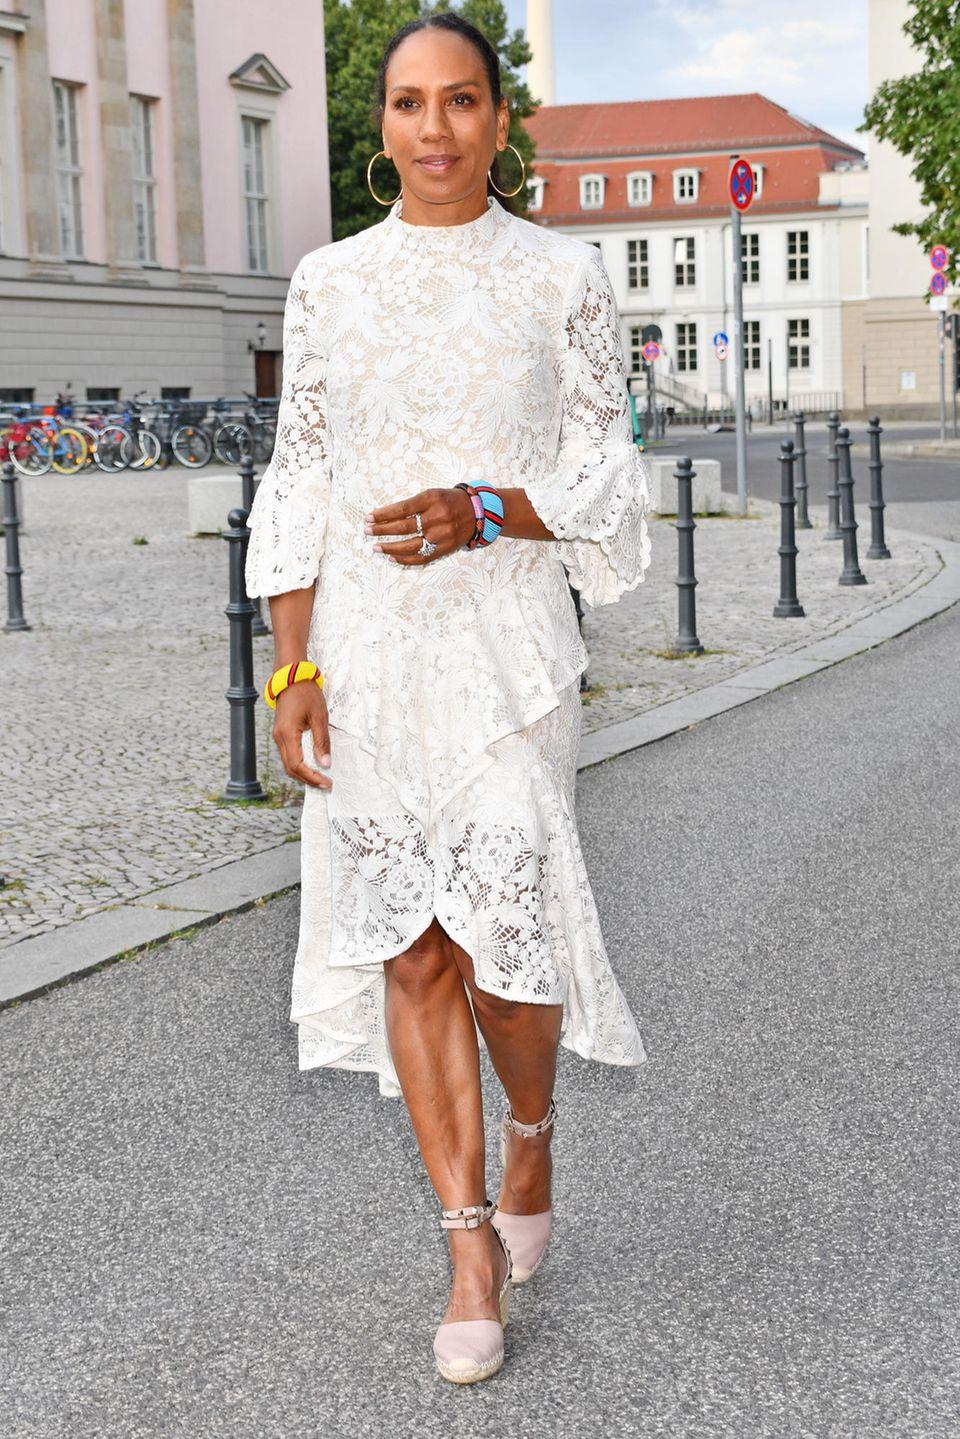 """Spitzen Look in Spitze! Im sommerlich weißenKleid begibt sich Barbara Becker auf den Weg zurDachterrasse des Hotel Rome in Berlin für das """"FRAUEN100""""-Event. Bei der Veranstaltung können sich inspirierende Frauen gegenseitig austauschen.IhreSchmuckwahl fälltdafür auf goldene Kreolen und bunteArmreifen, die perfekt ihrem Teint schmeicheln."""